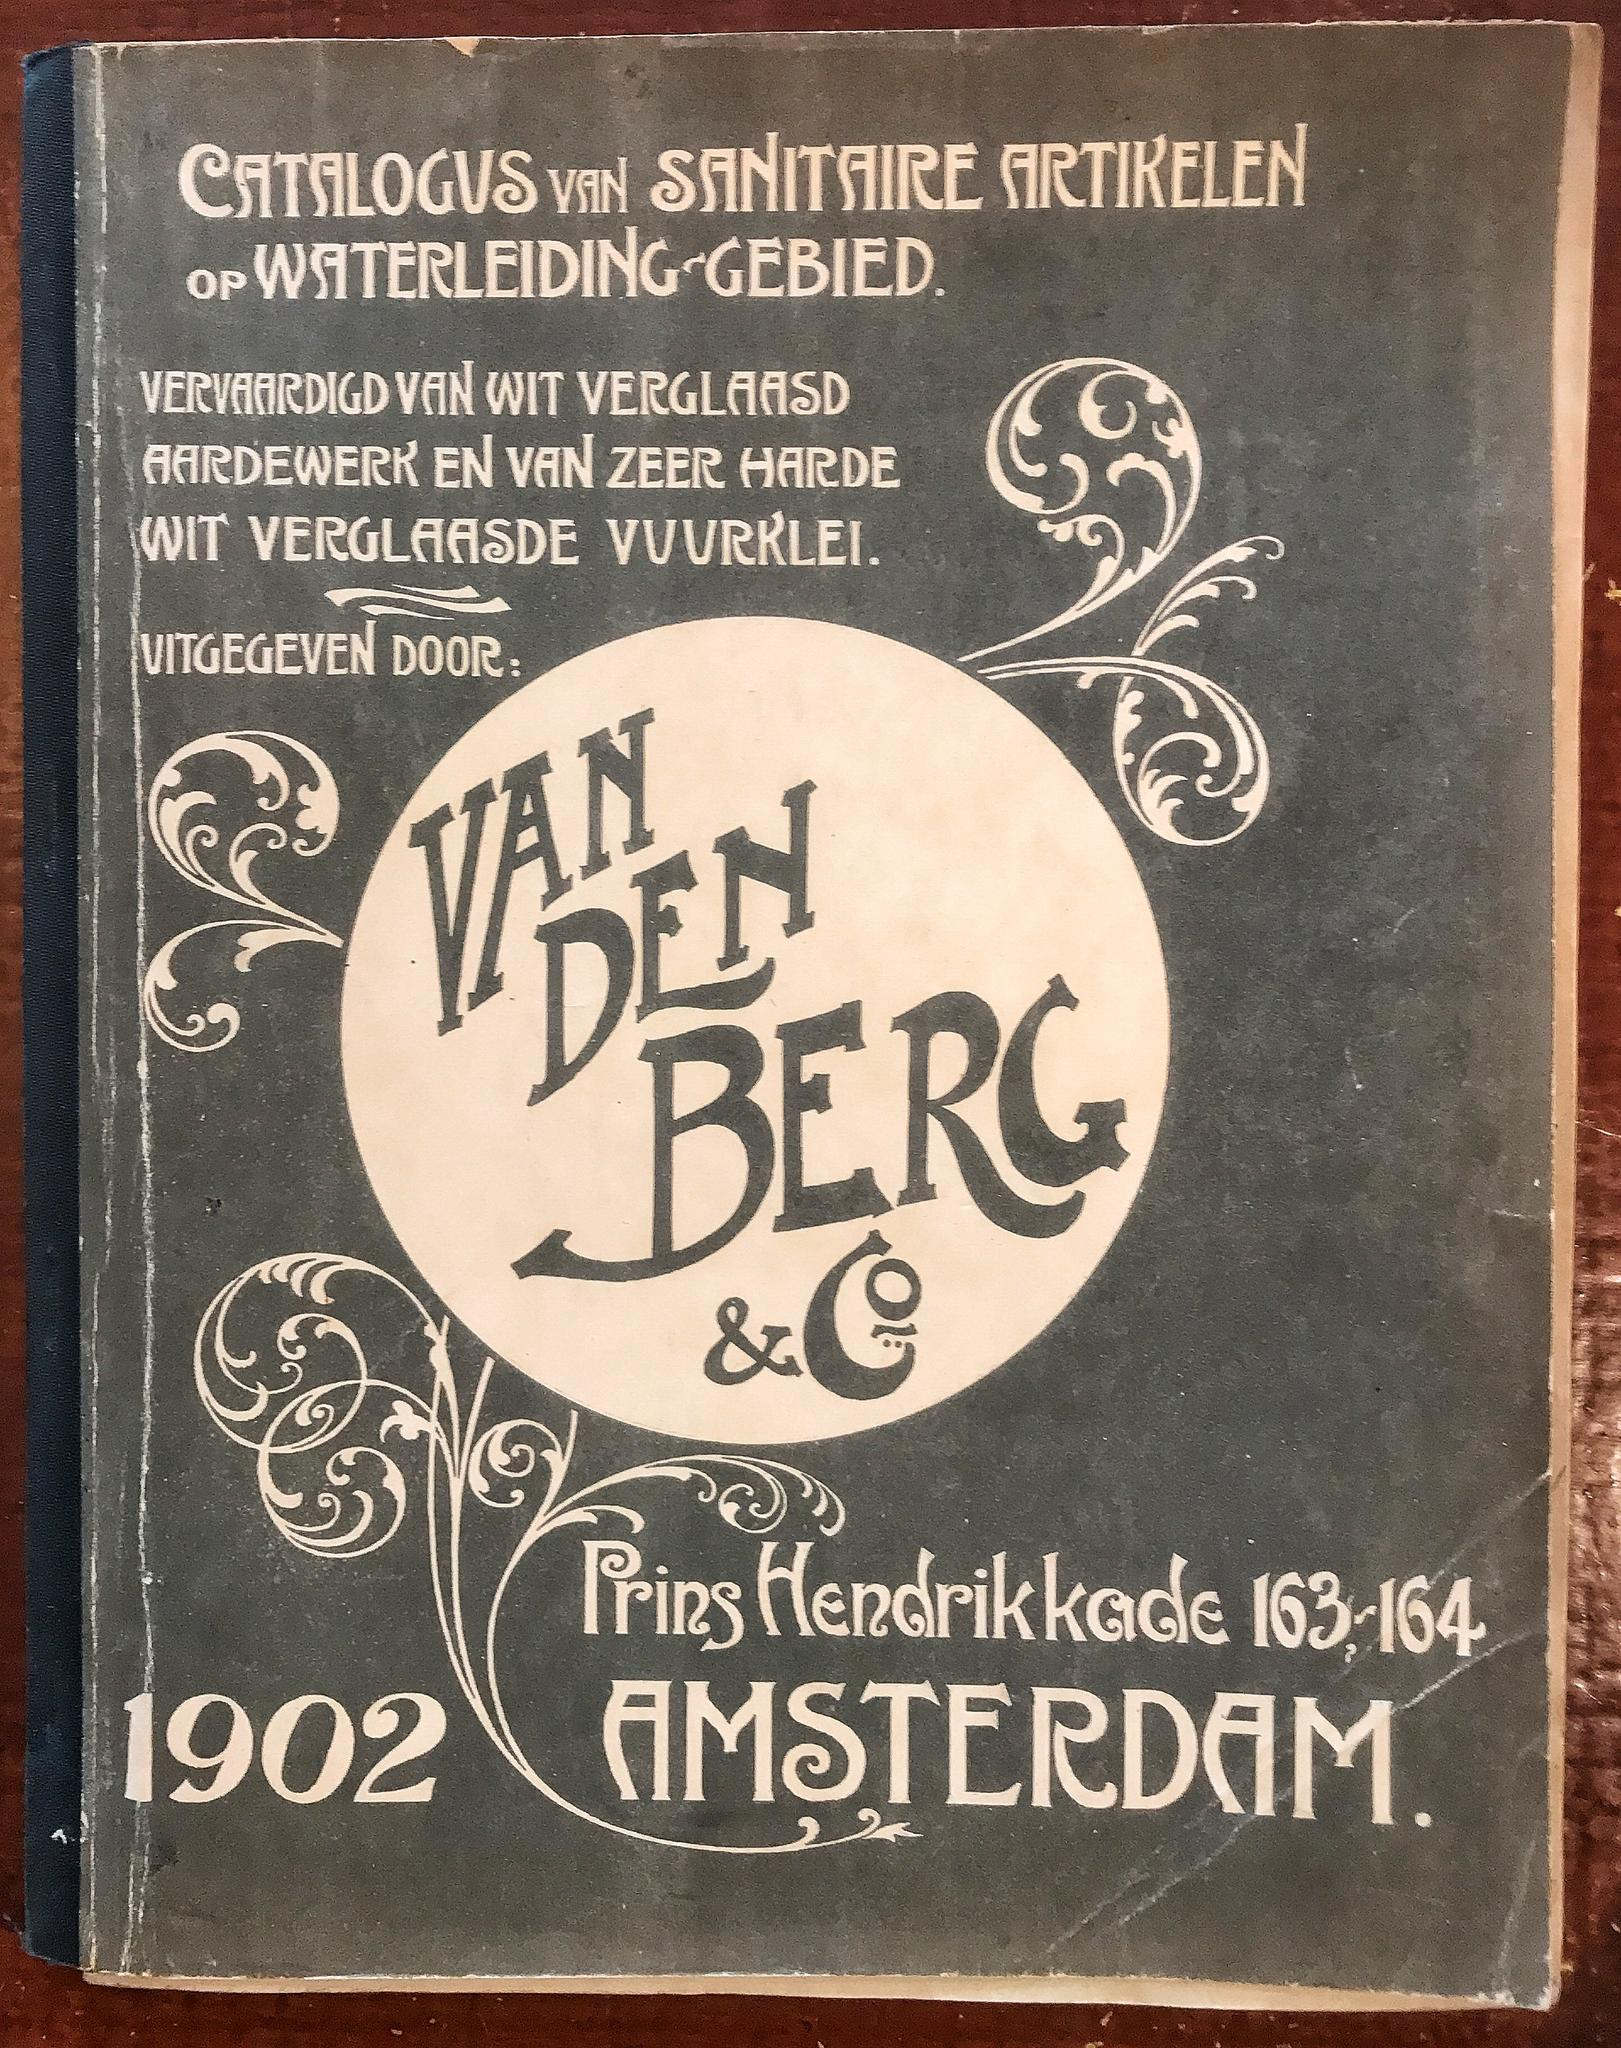 Catalogus sanitair firma van den Berg 1906